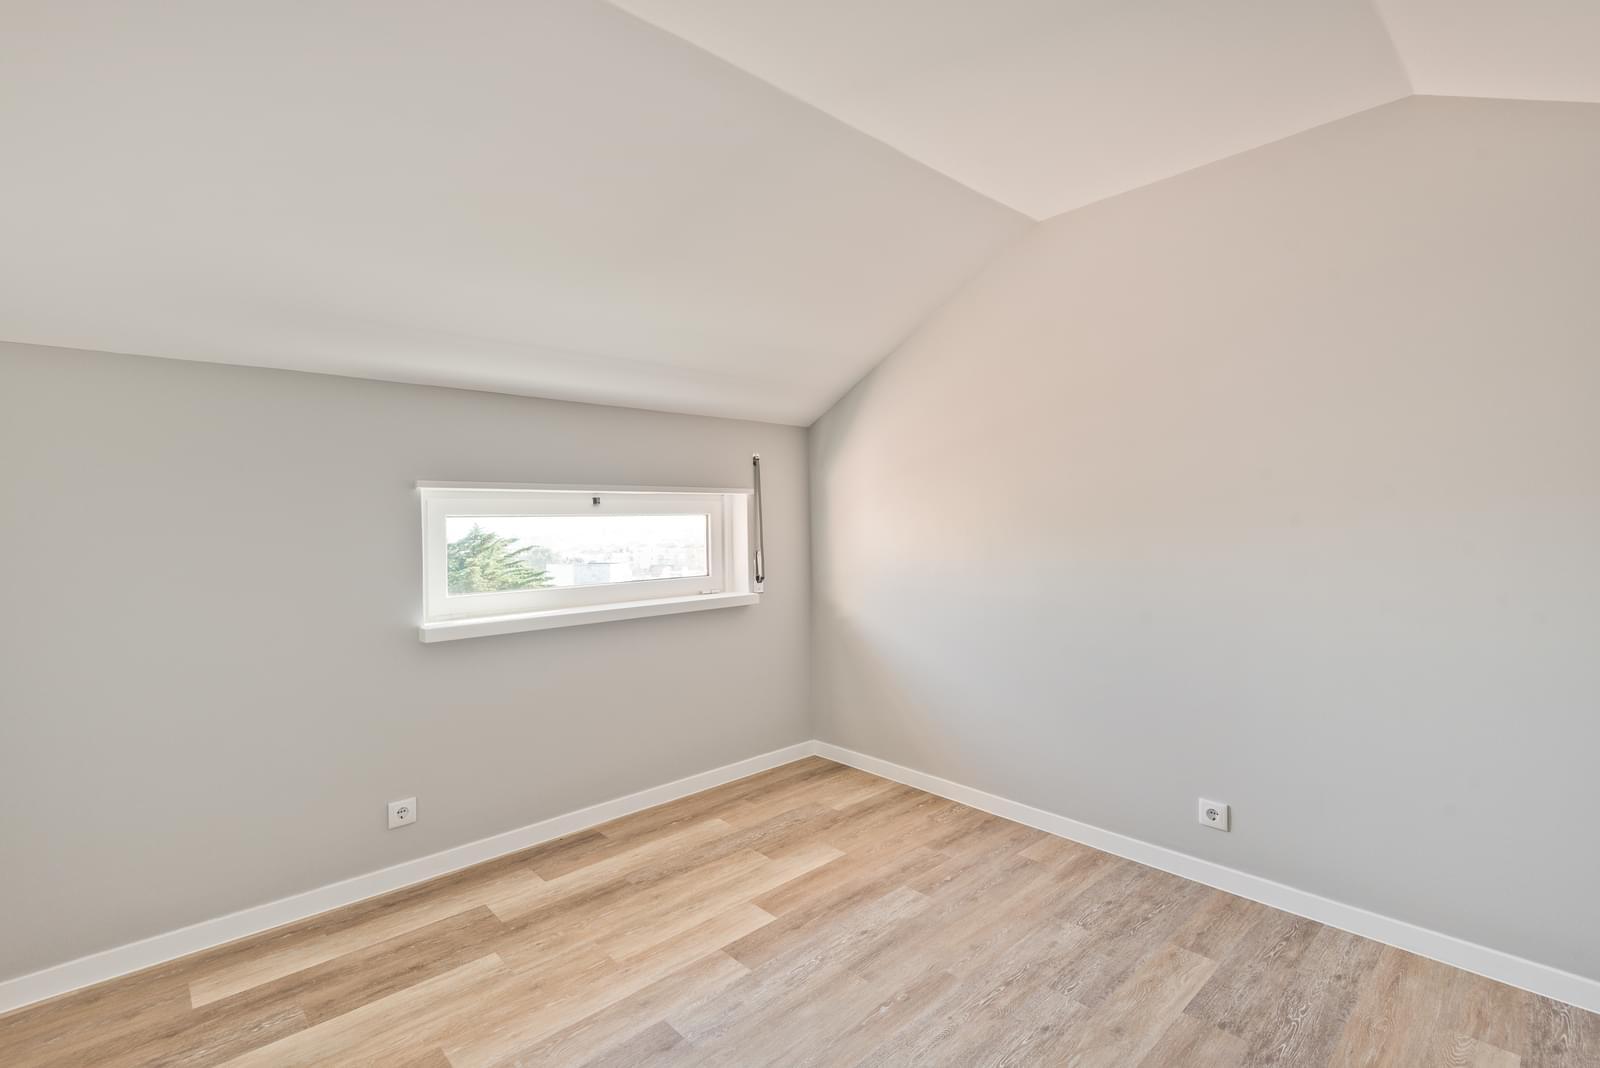 pf18956-apartamento-t3-1-cascais-e3883135-a057-4cd0-afe3-cbc104c2f1e7